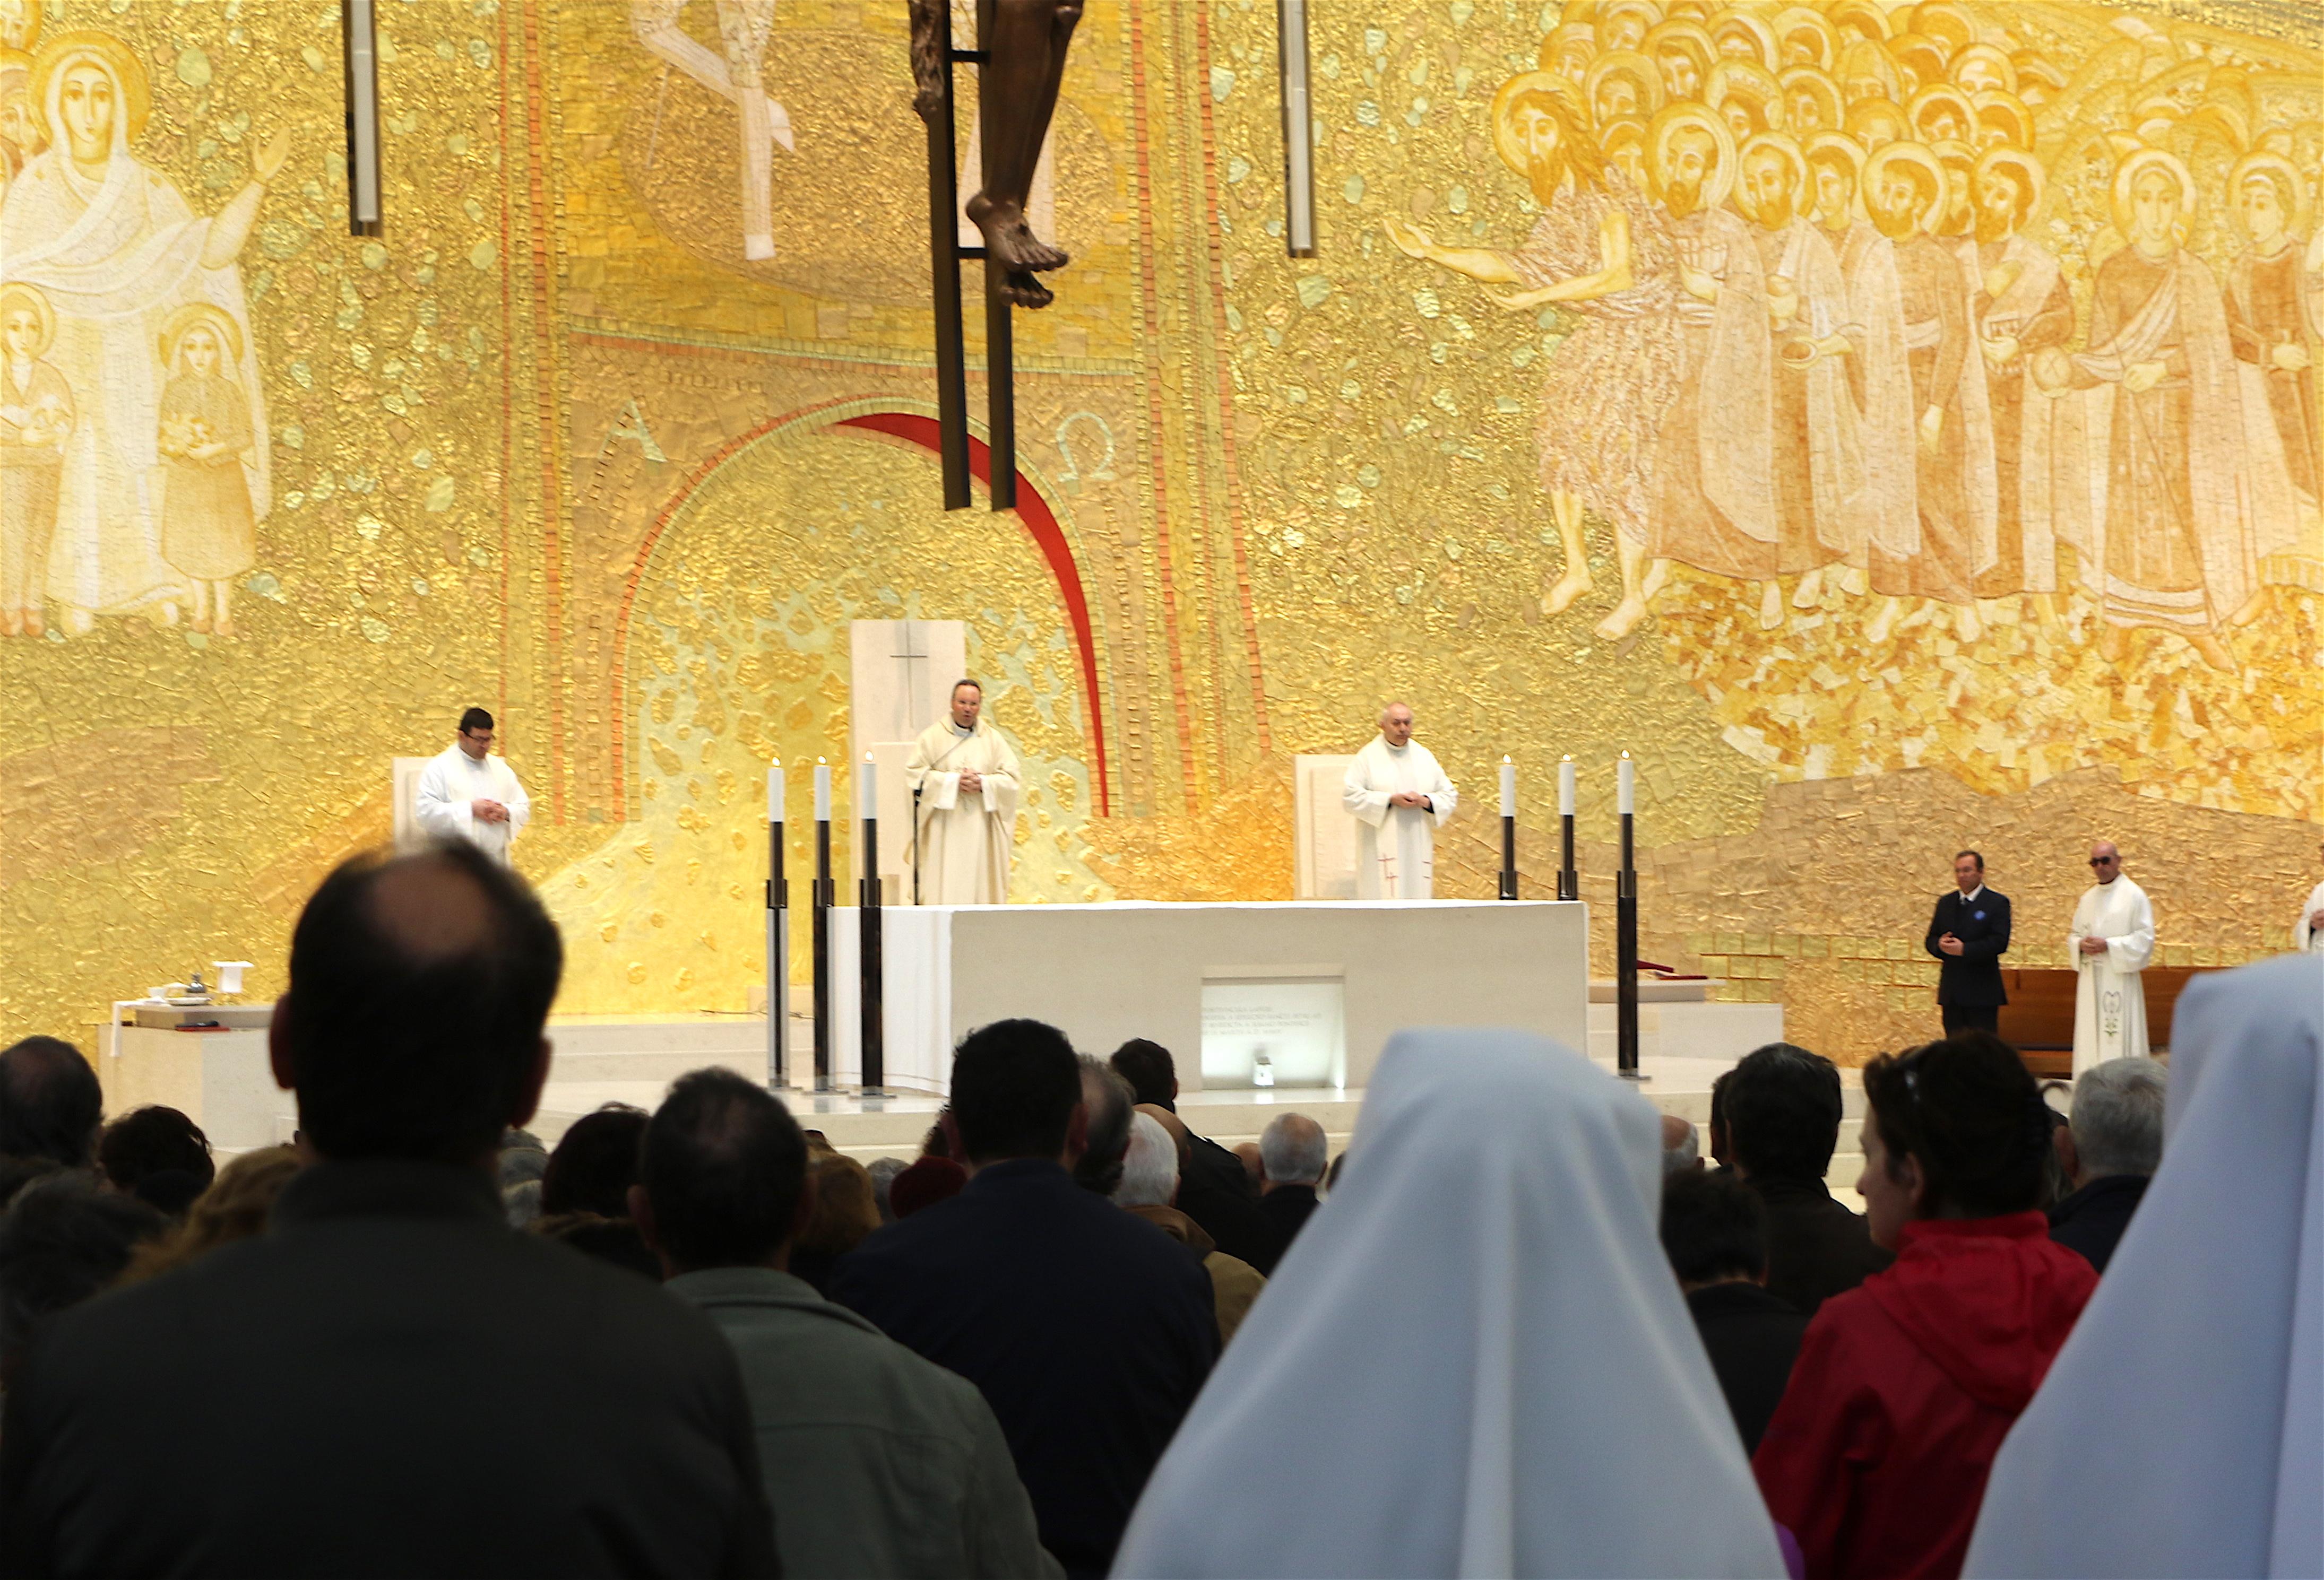 Misa en la basílica de la Santísima Trinidad en el Santuario de Fátima (Foto Fatima.pt)